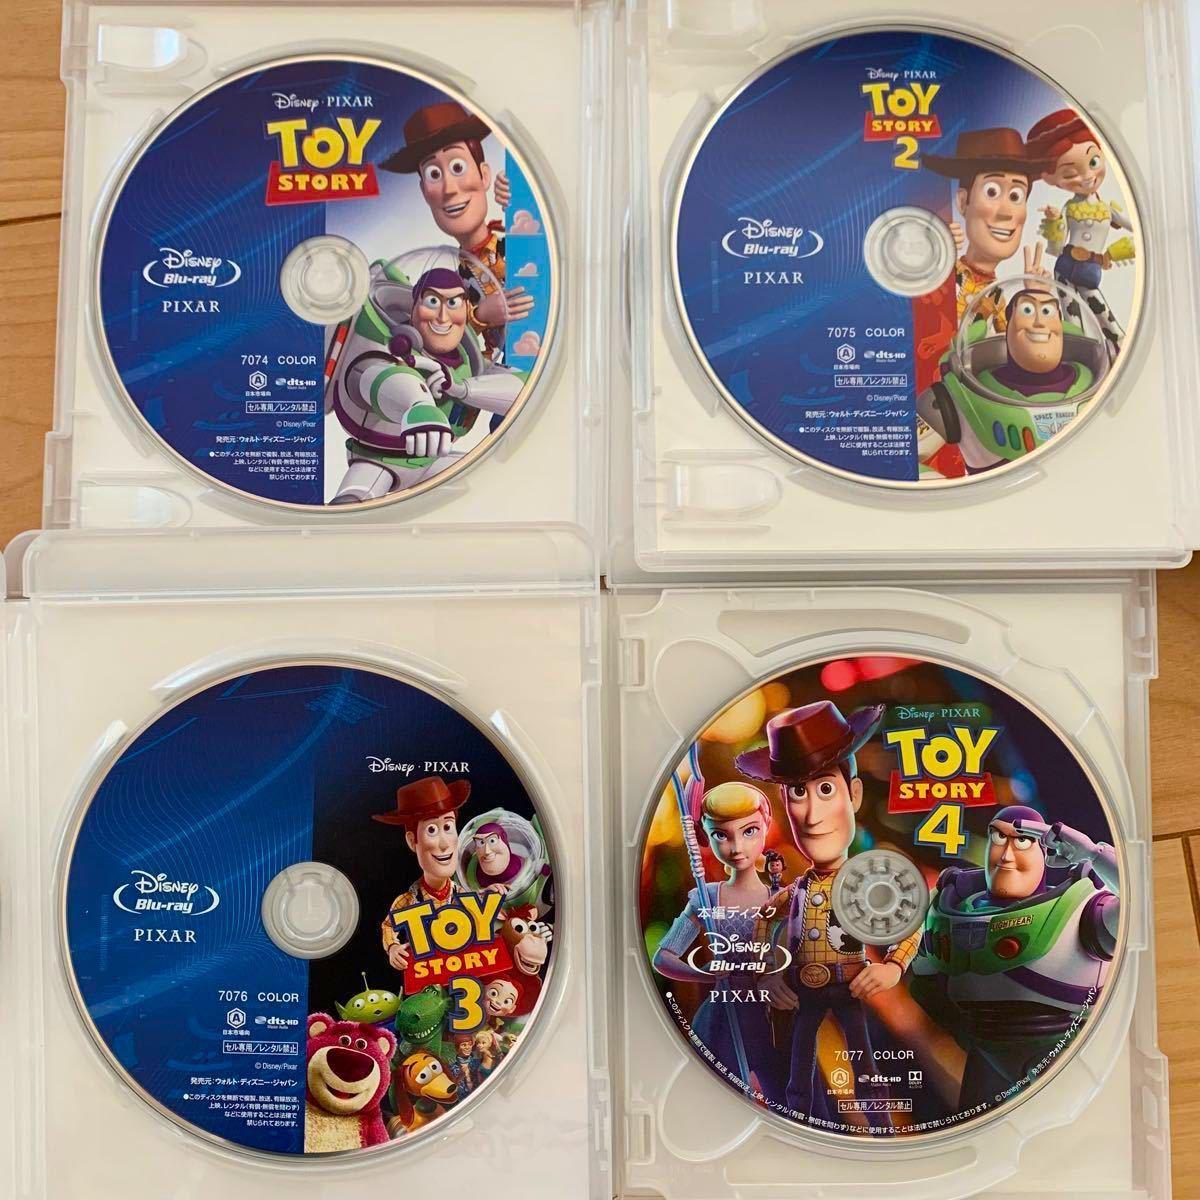 『トイ・ストーリー1、2、3、4』ブルーレイ + 純正ケースセット 新品未再生 ディズニー ピクサー MOVIENEX